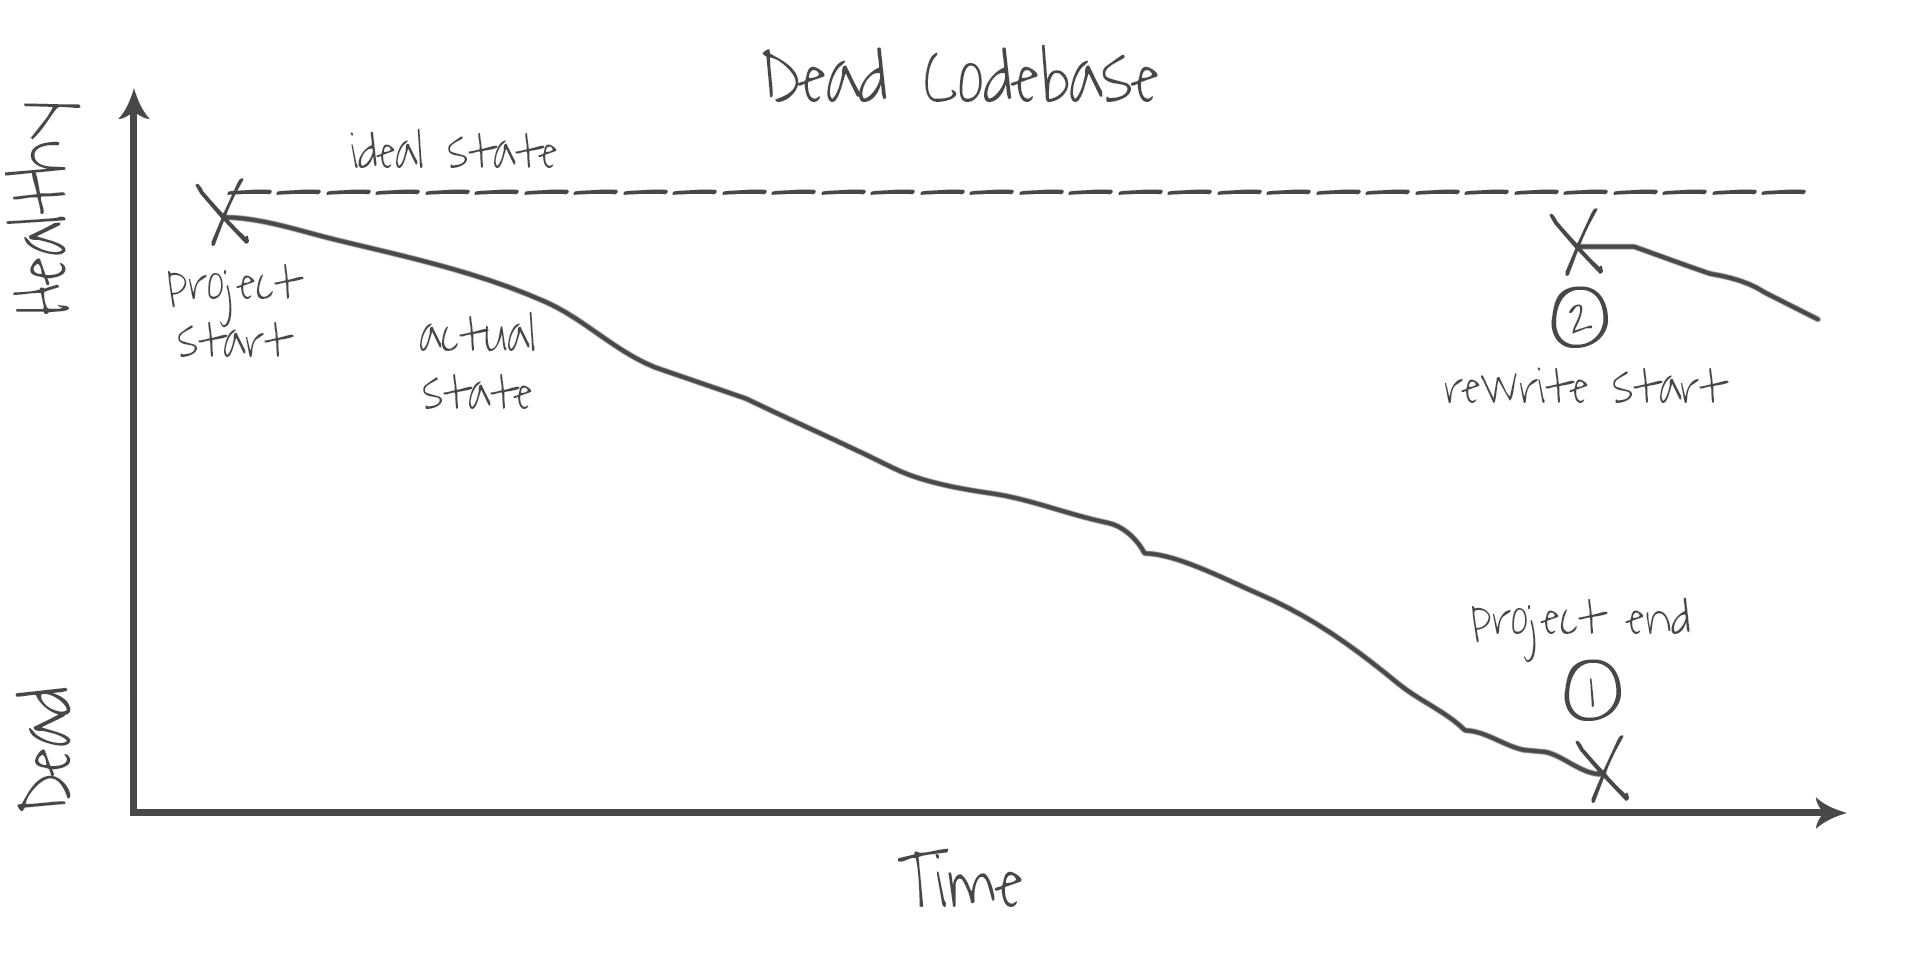 dead-codebase